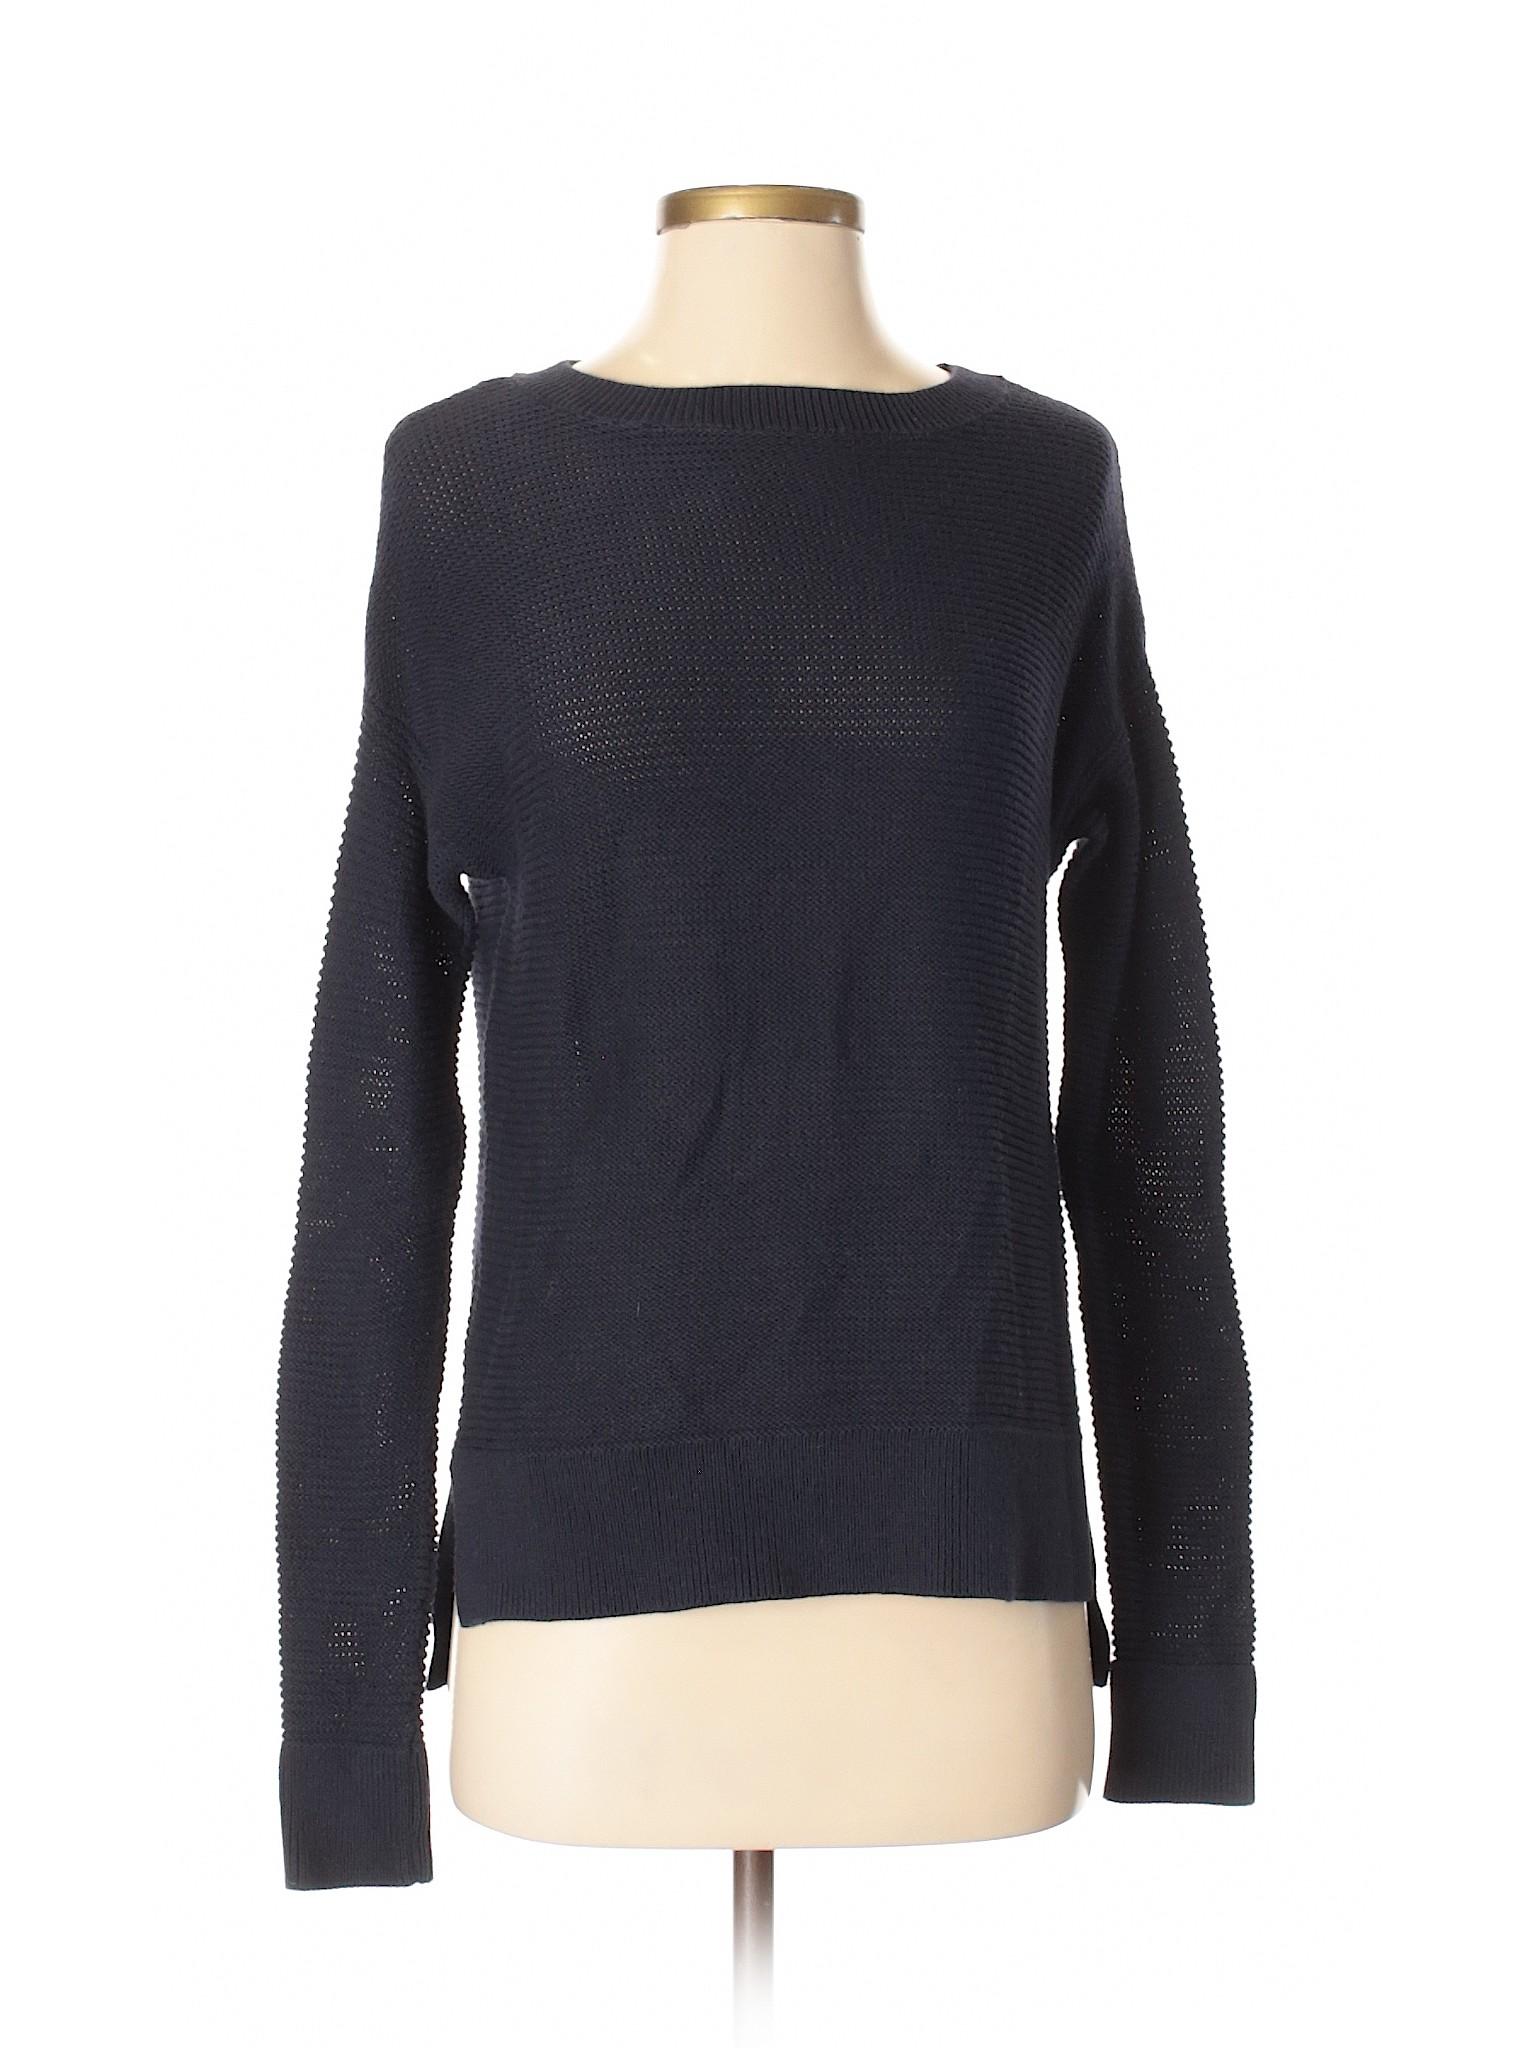 Ann Taylor Boutique Pullover LOFT Sweater winter 5ESwqSRO